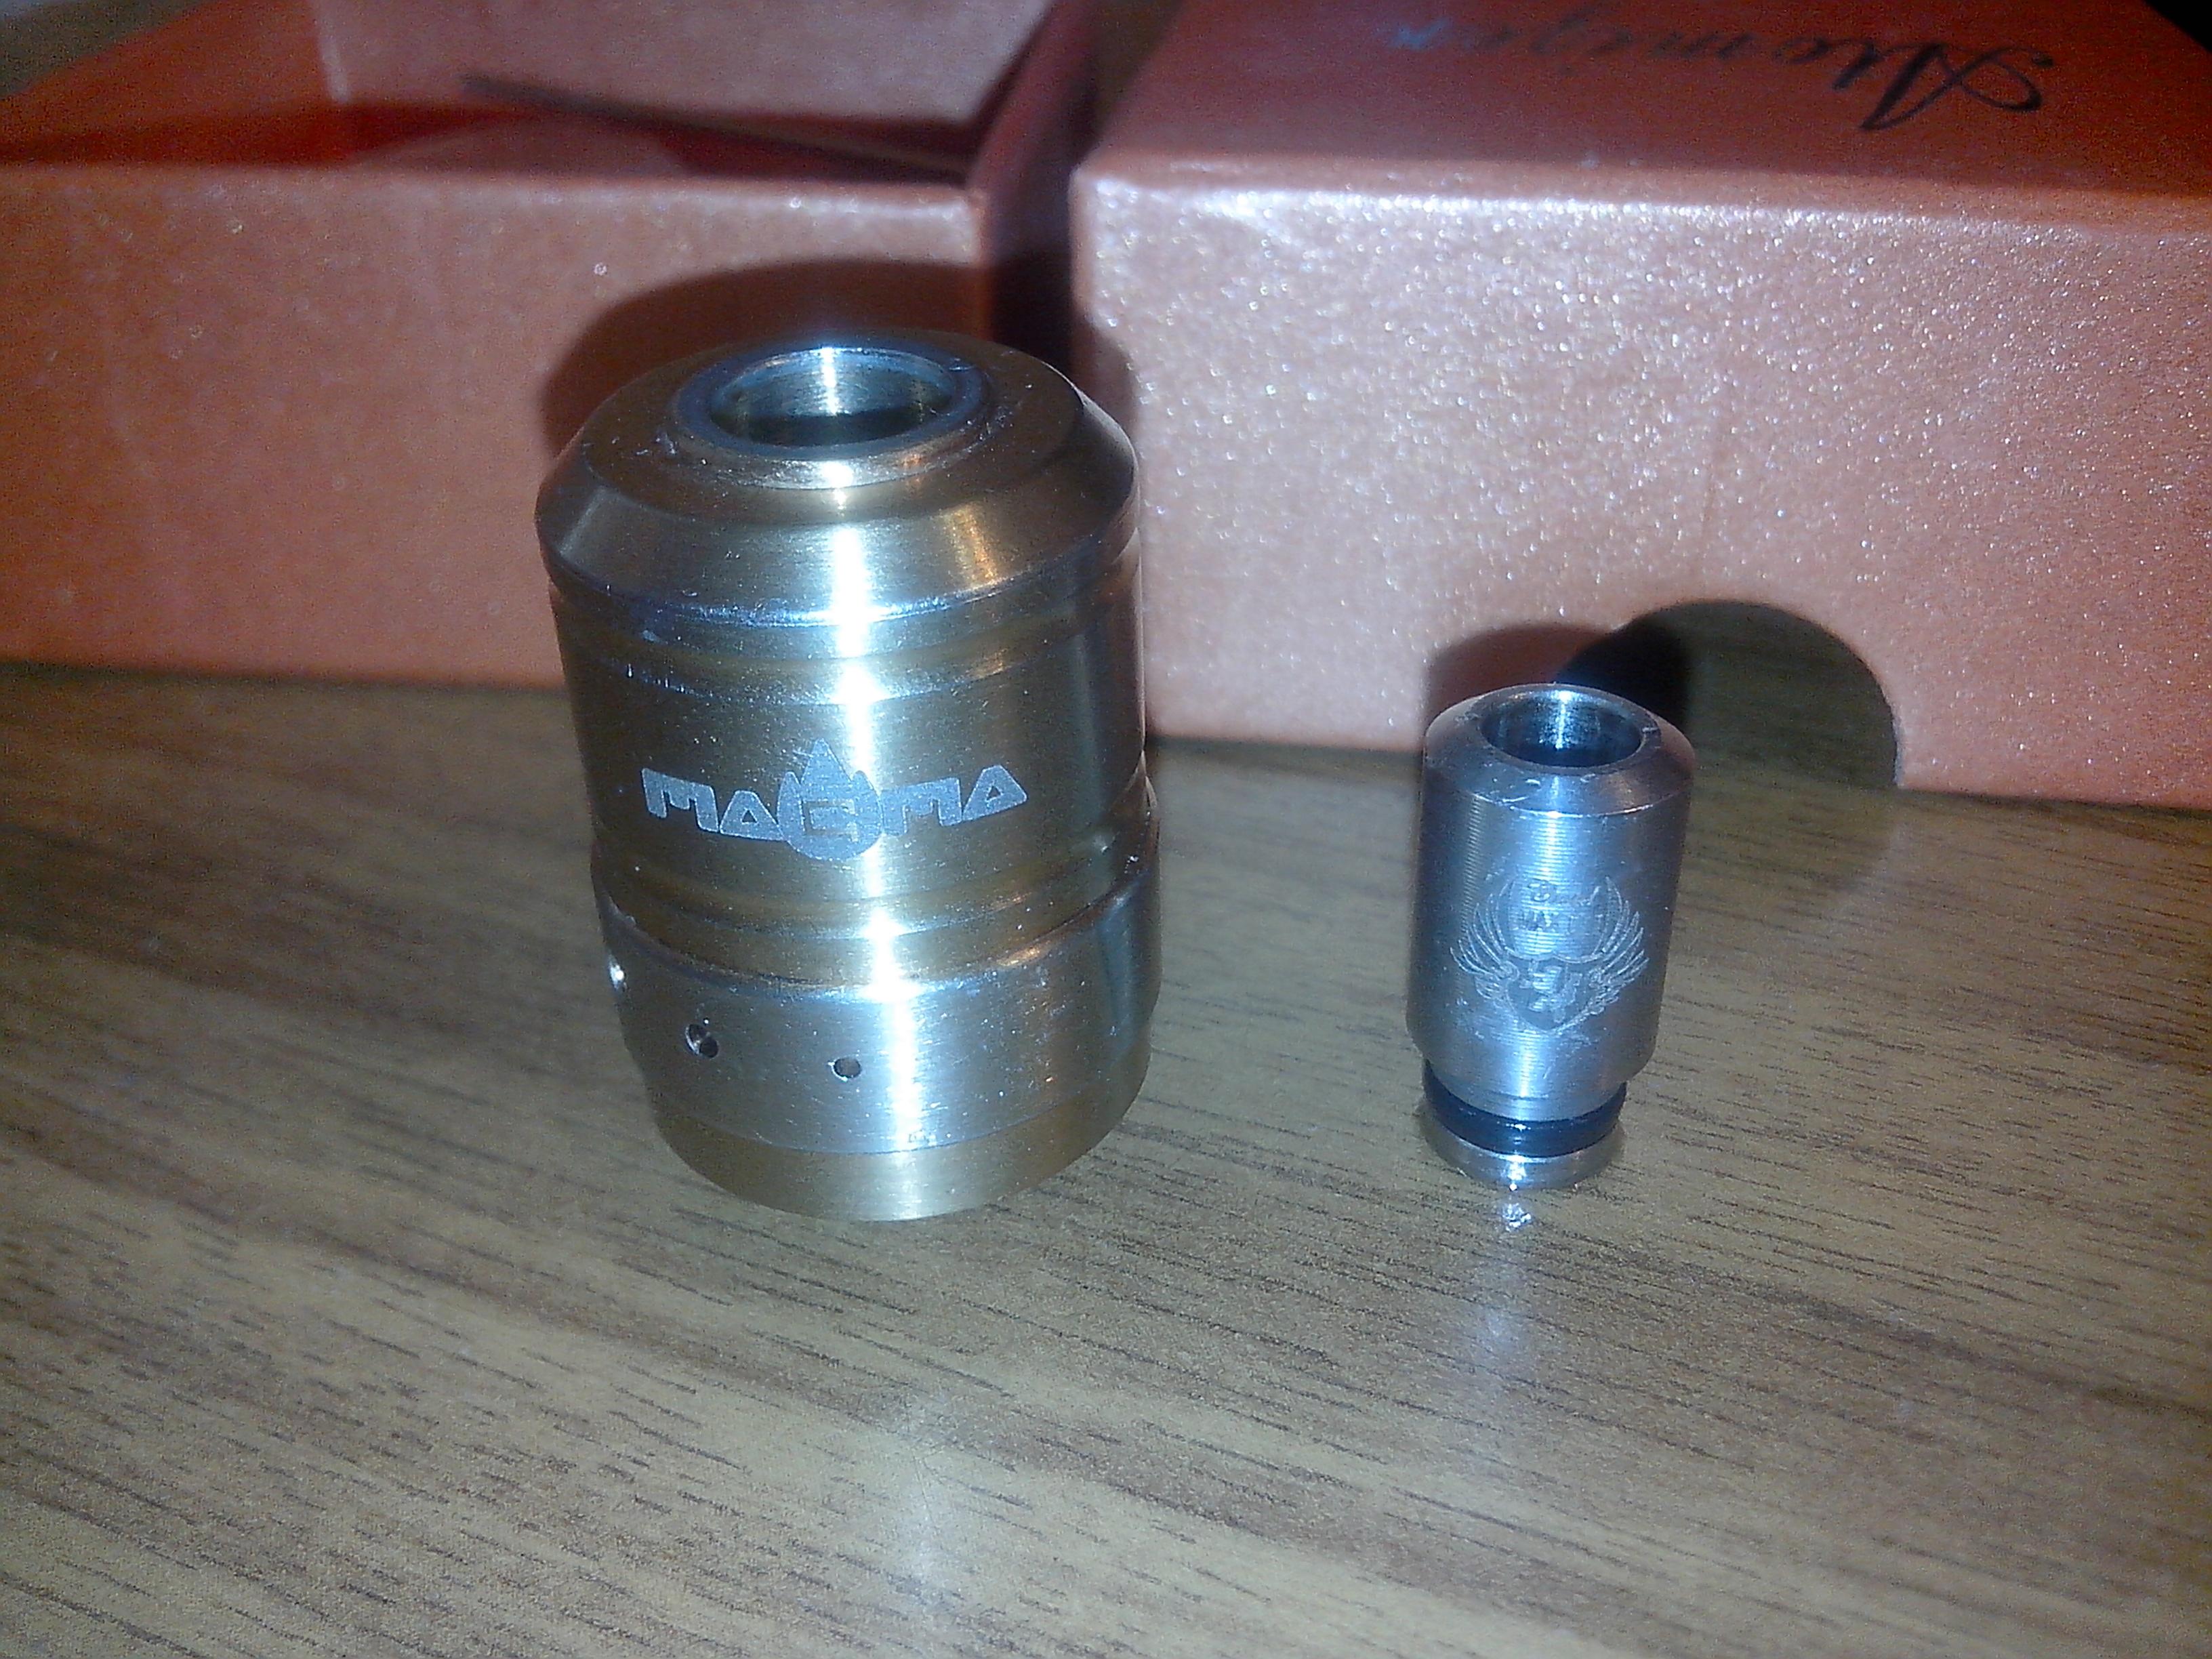 Продам nemesis, magma, аккумулятор, жидкость + куча плюшек 262